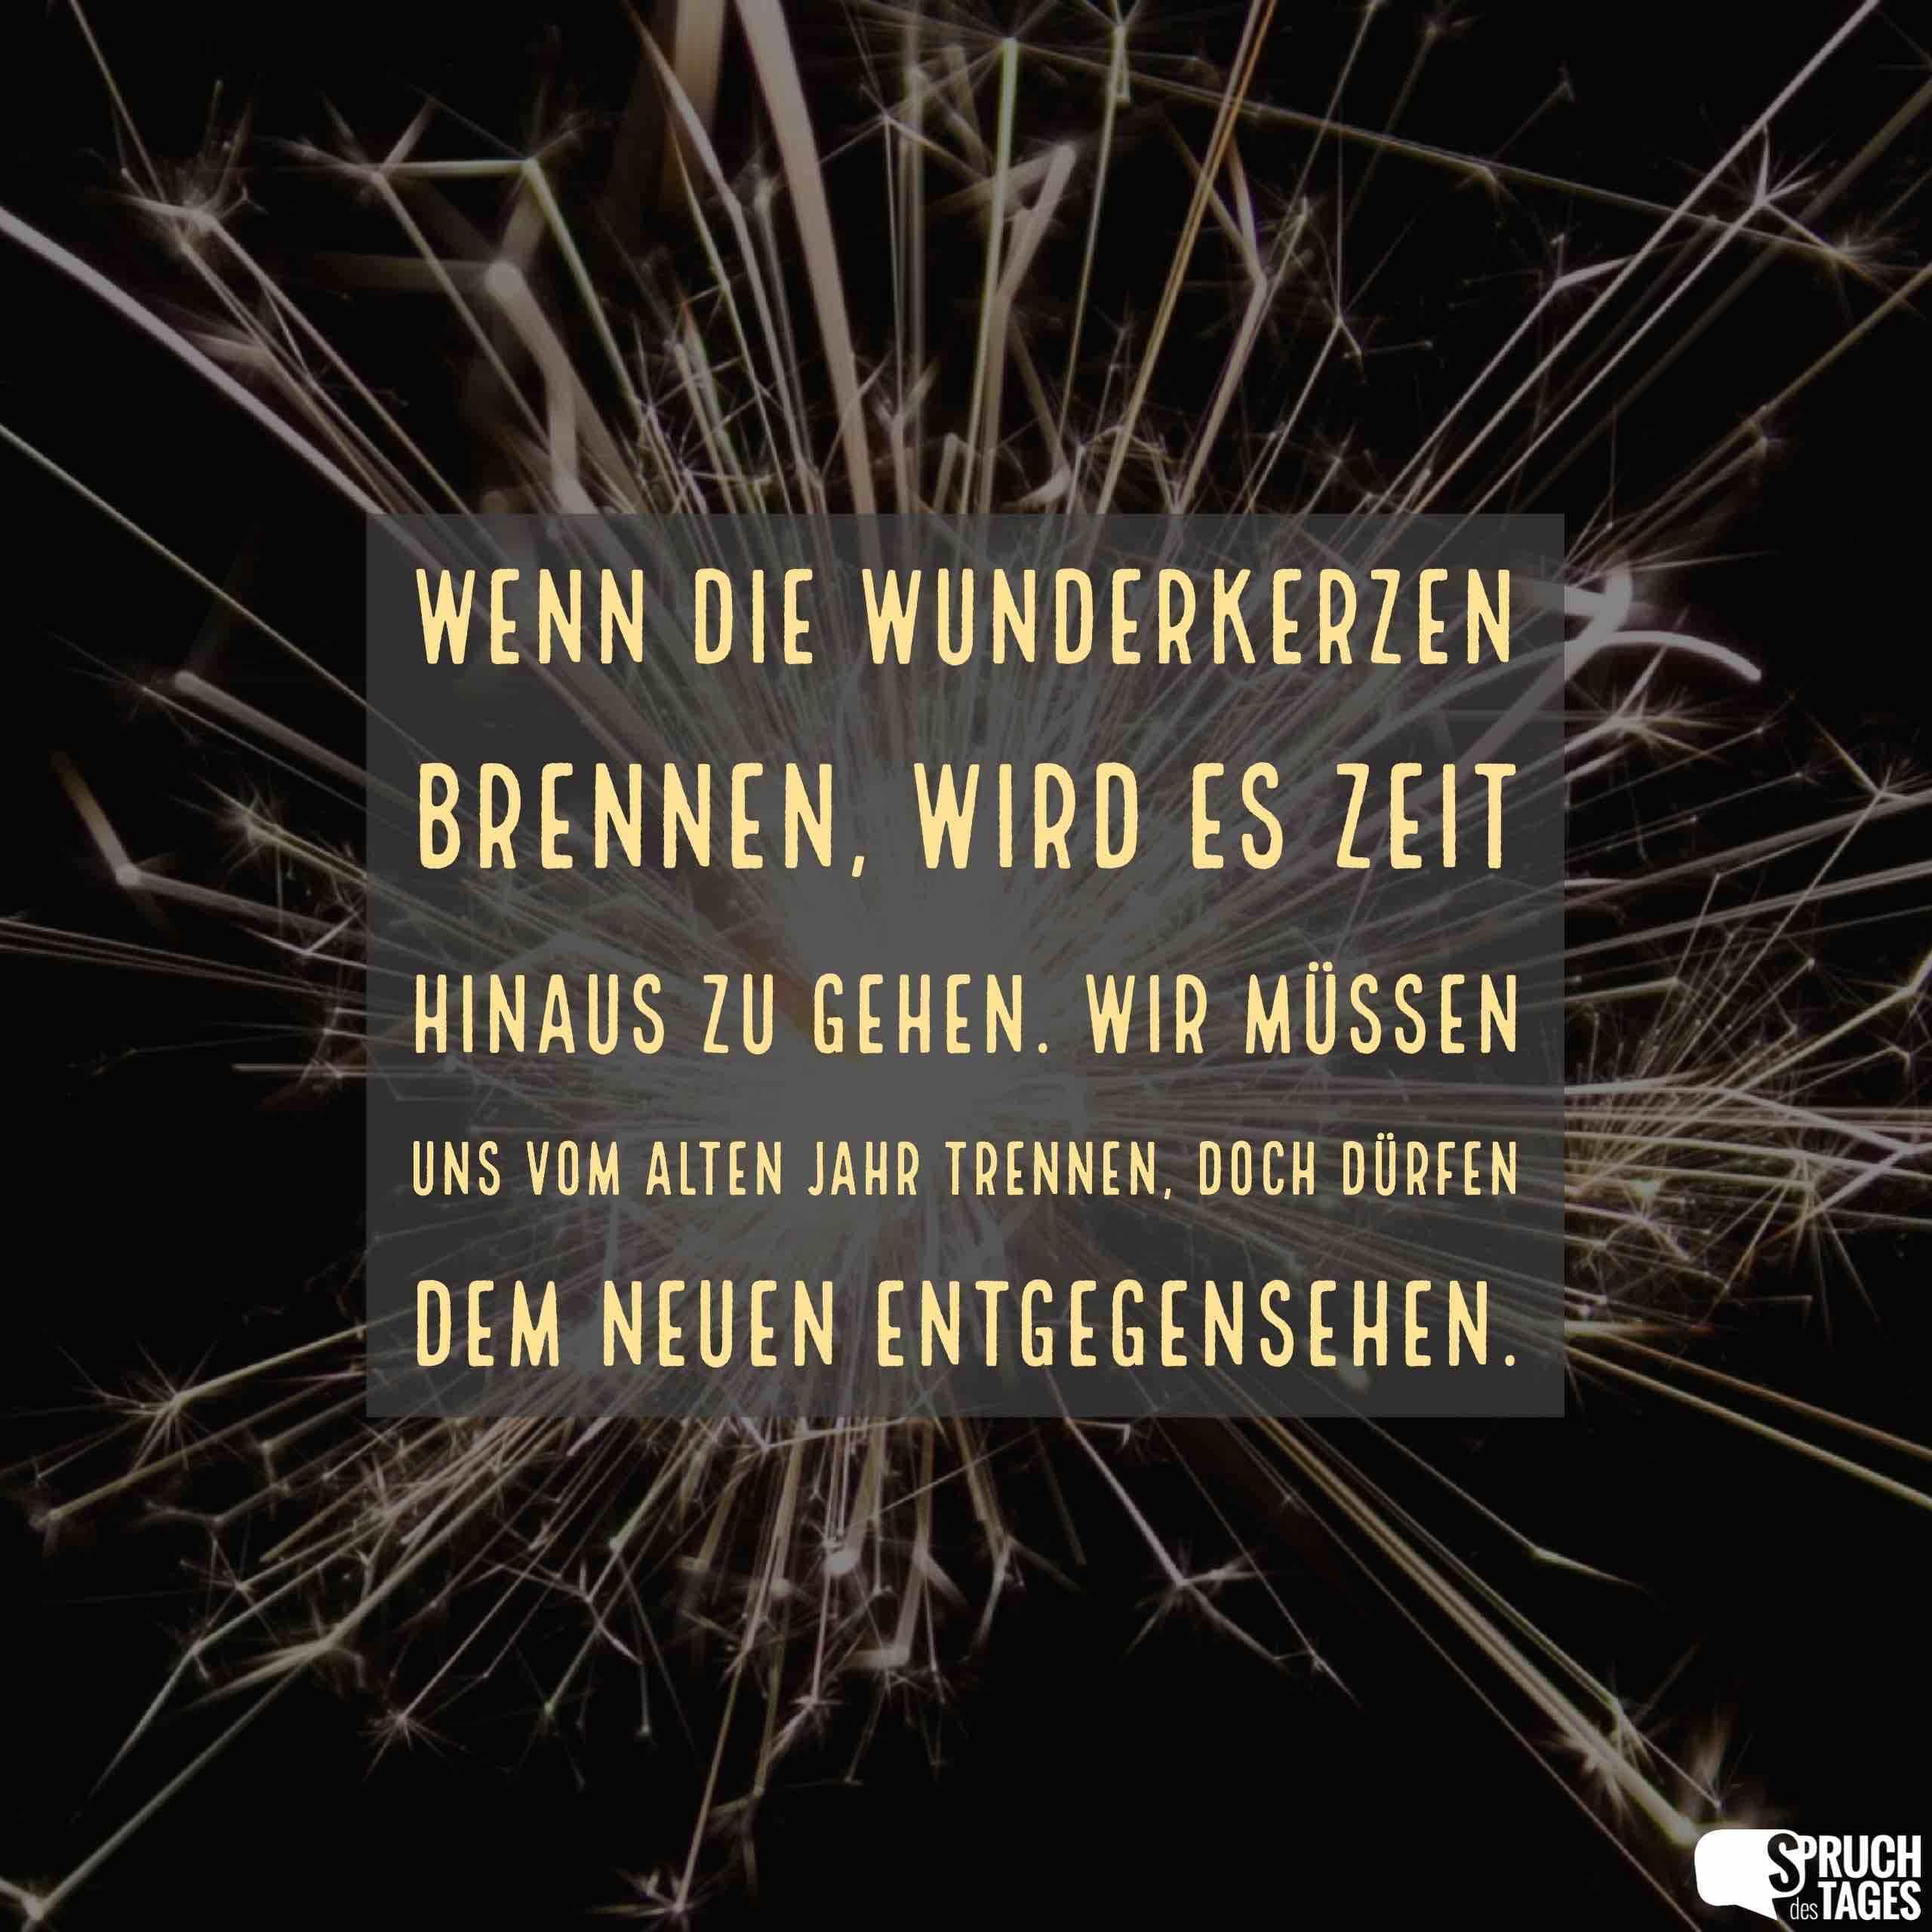 Silvestersprüche und Neujahrssprüche - Wünsche, Grüße und Gedichte